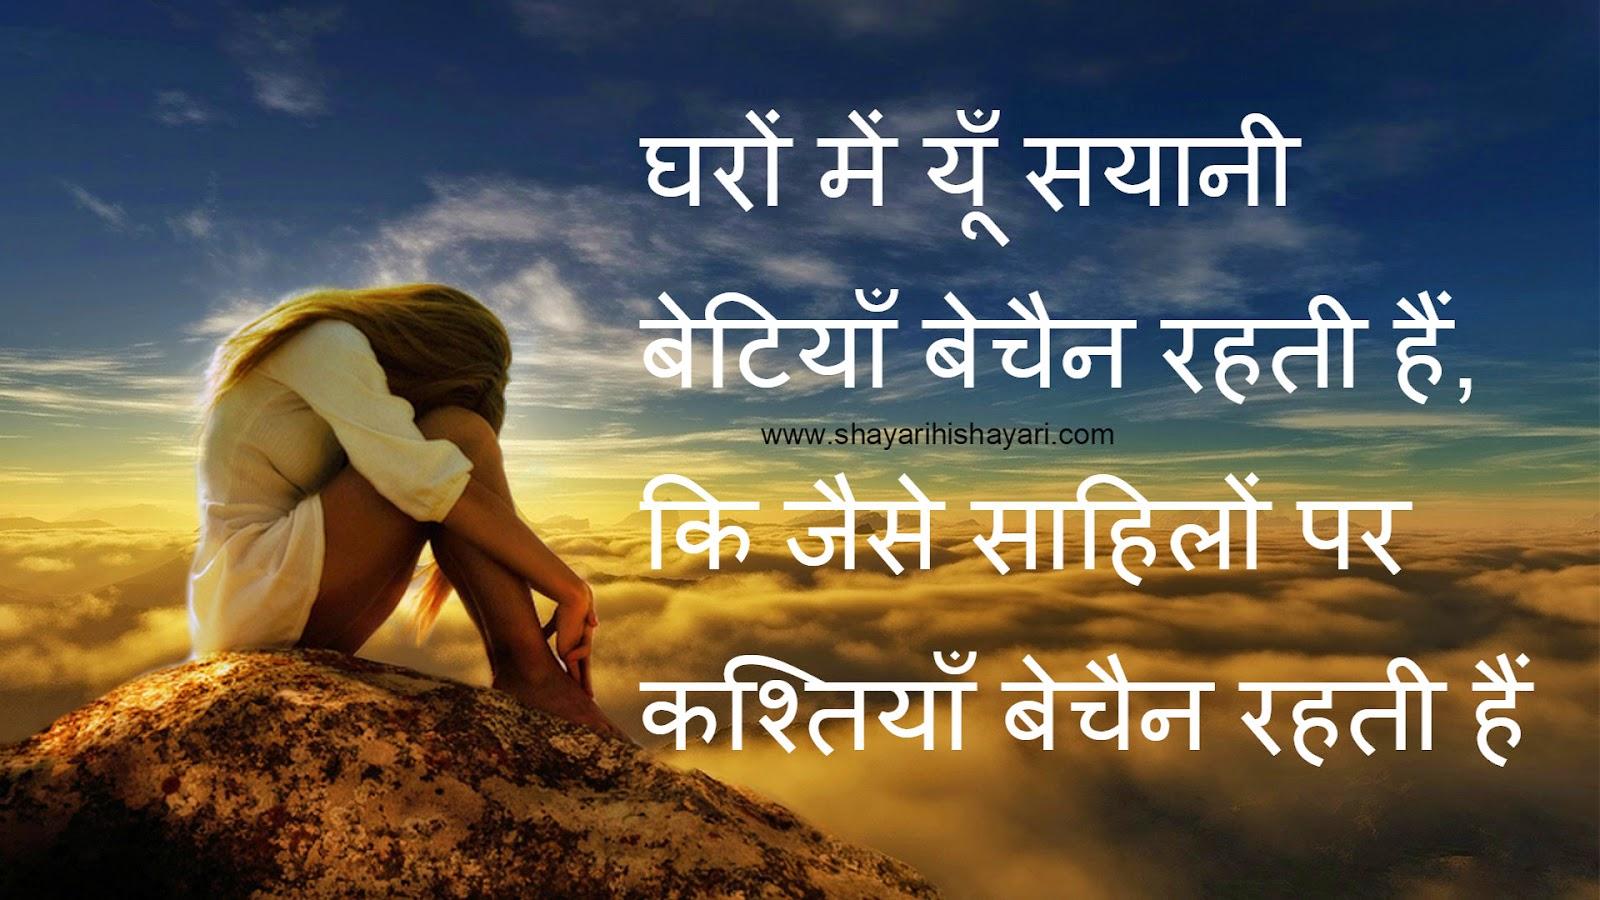 Intezaar 2 Lines Sad Shayari Image, Short Hindi Quotes